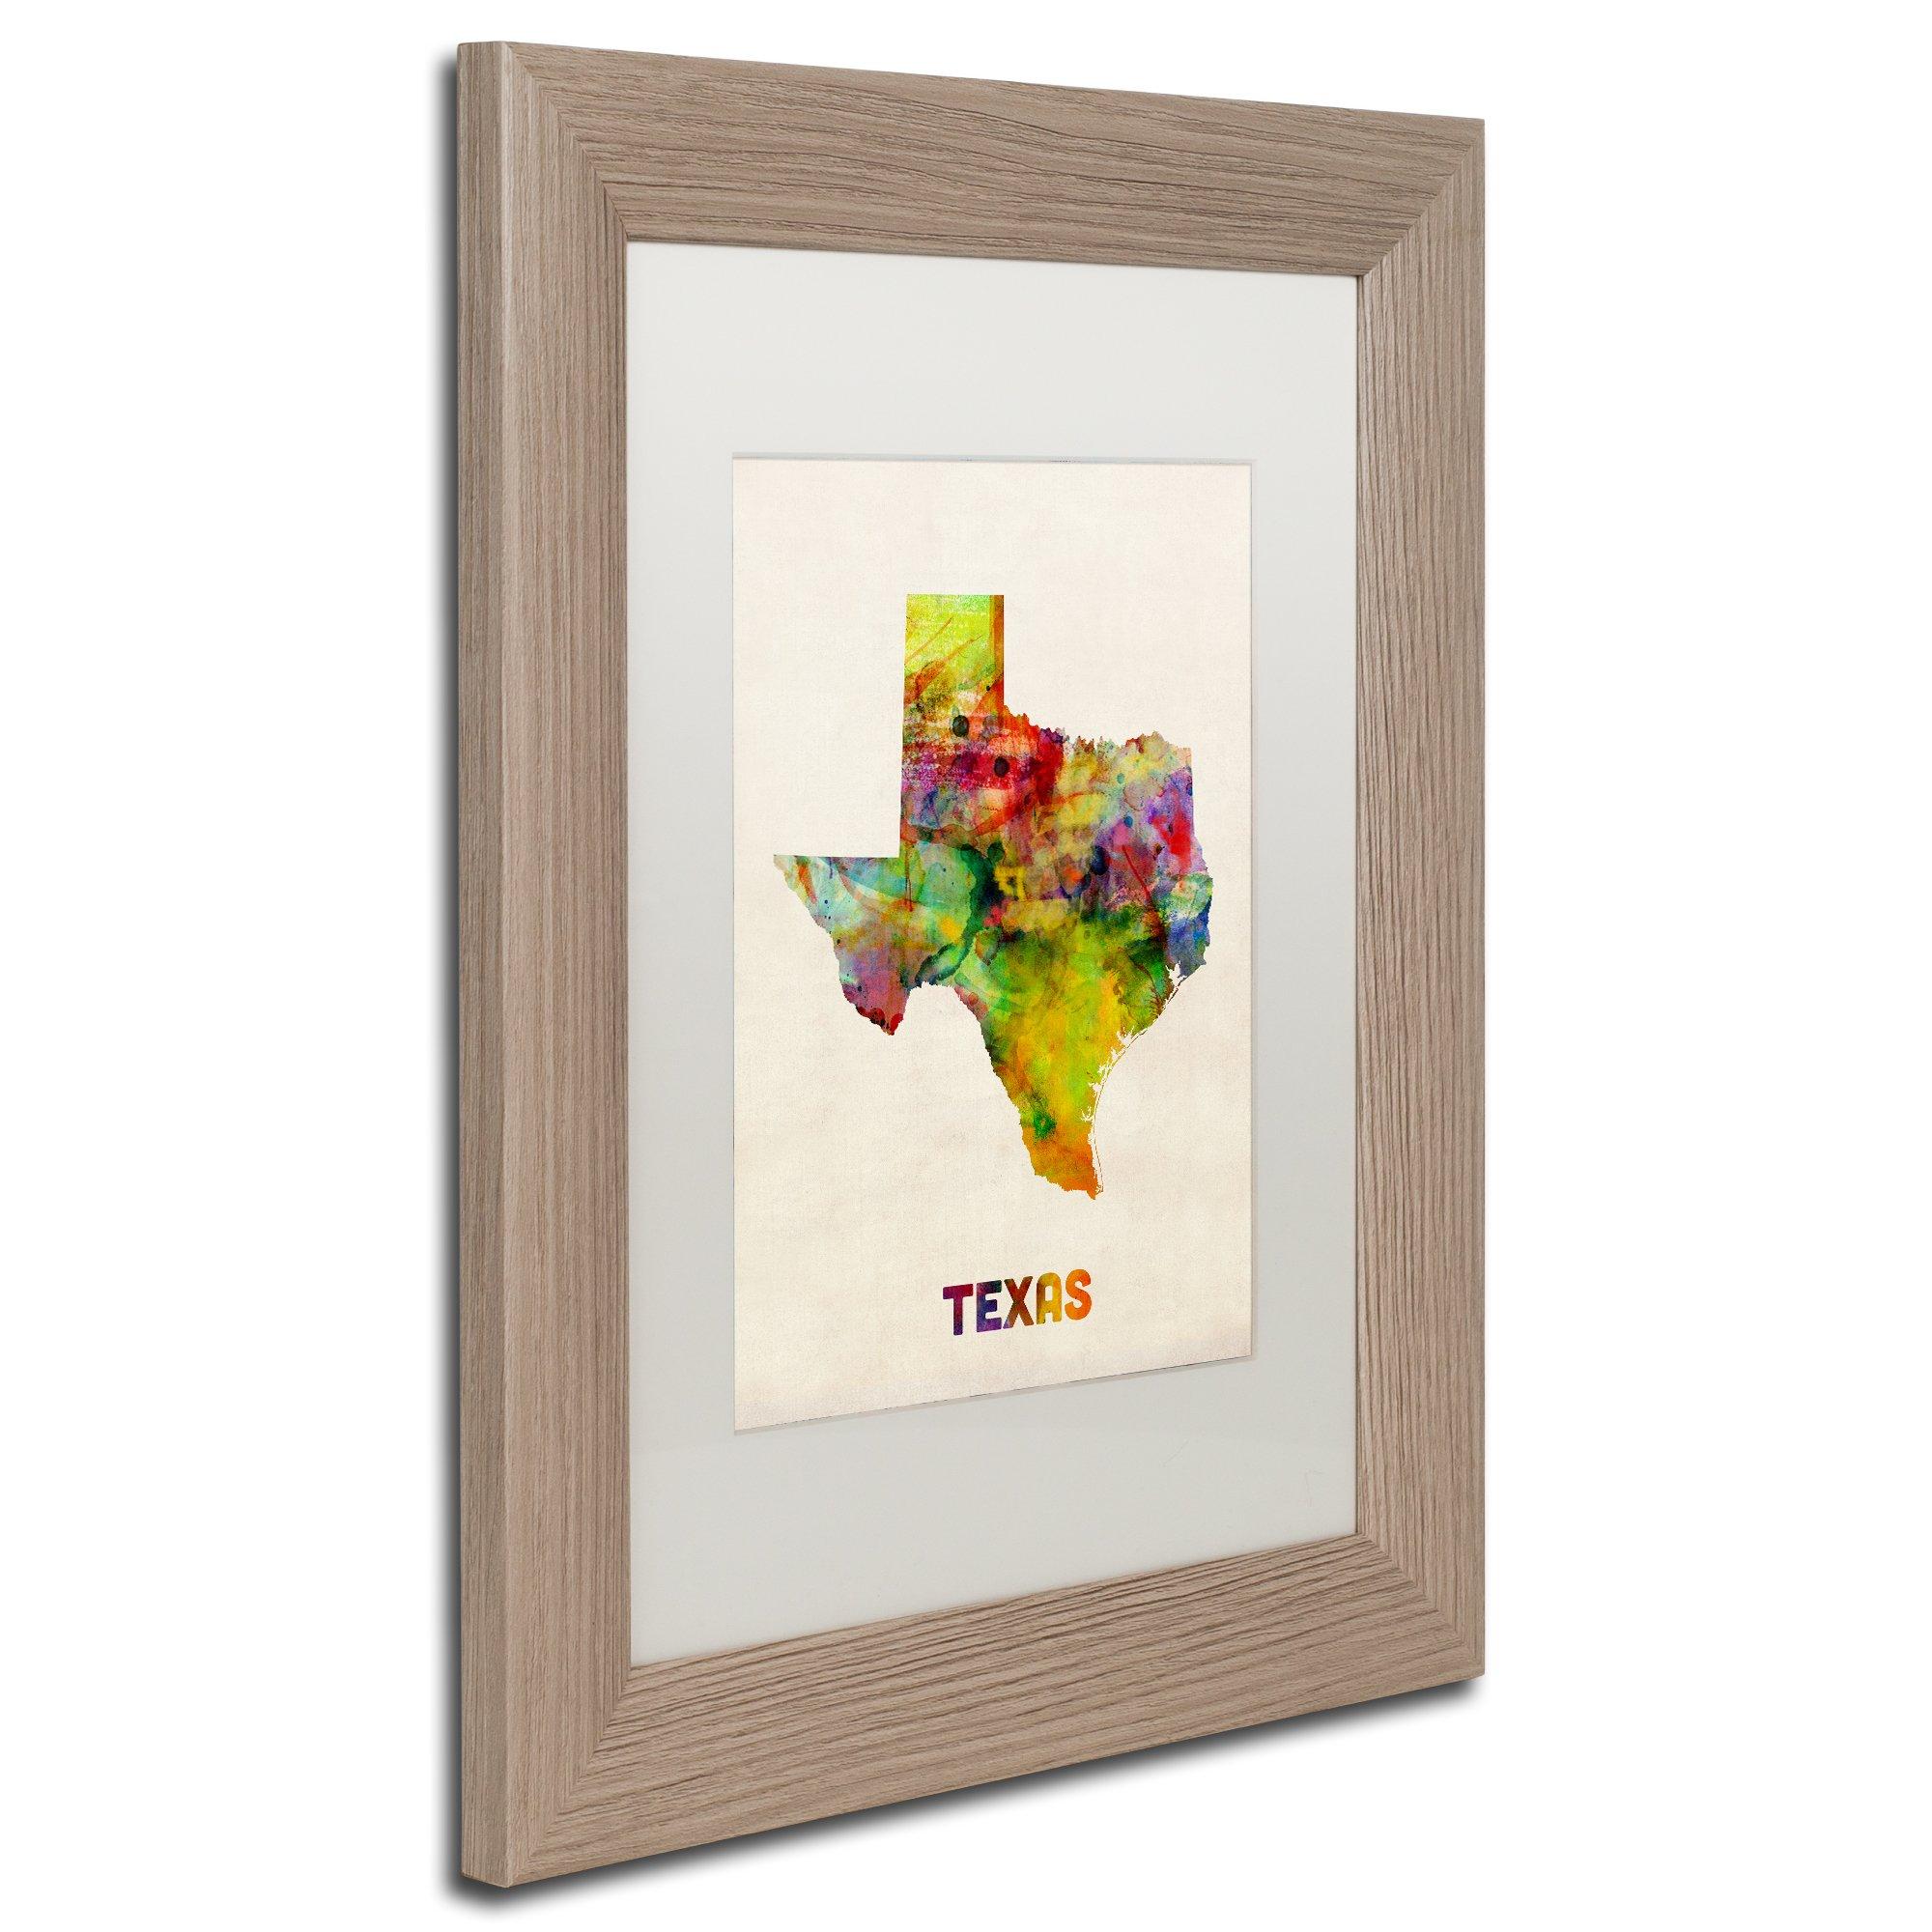 Shop Michael Tompsett 'texas Map' White Matte, Birch Framed Wall Art - Framed Texas Map